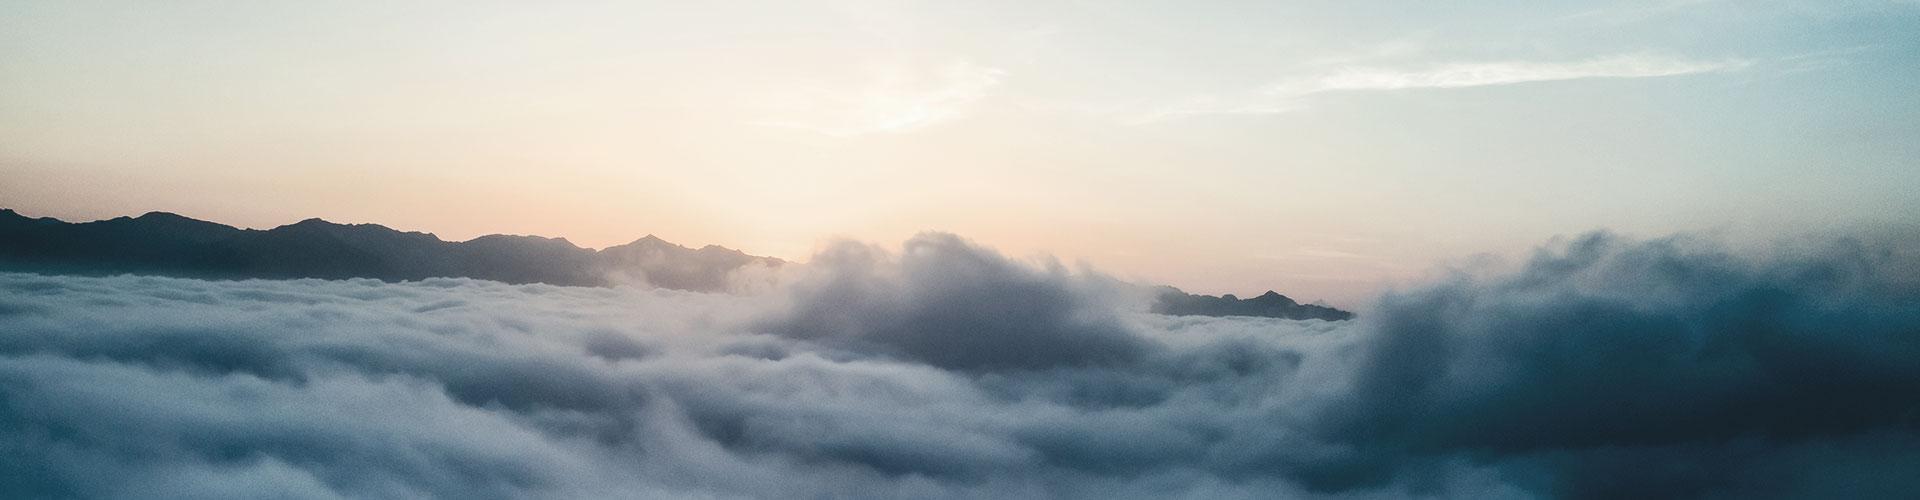 Nebel liegt über einem Tal, der Himmel ist pastellfarben